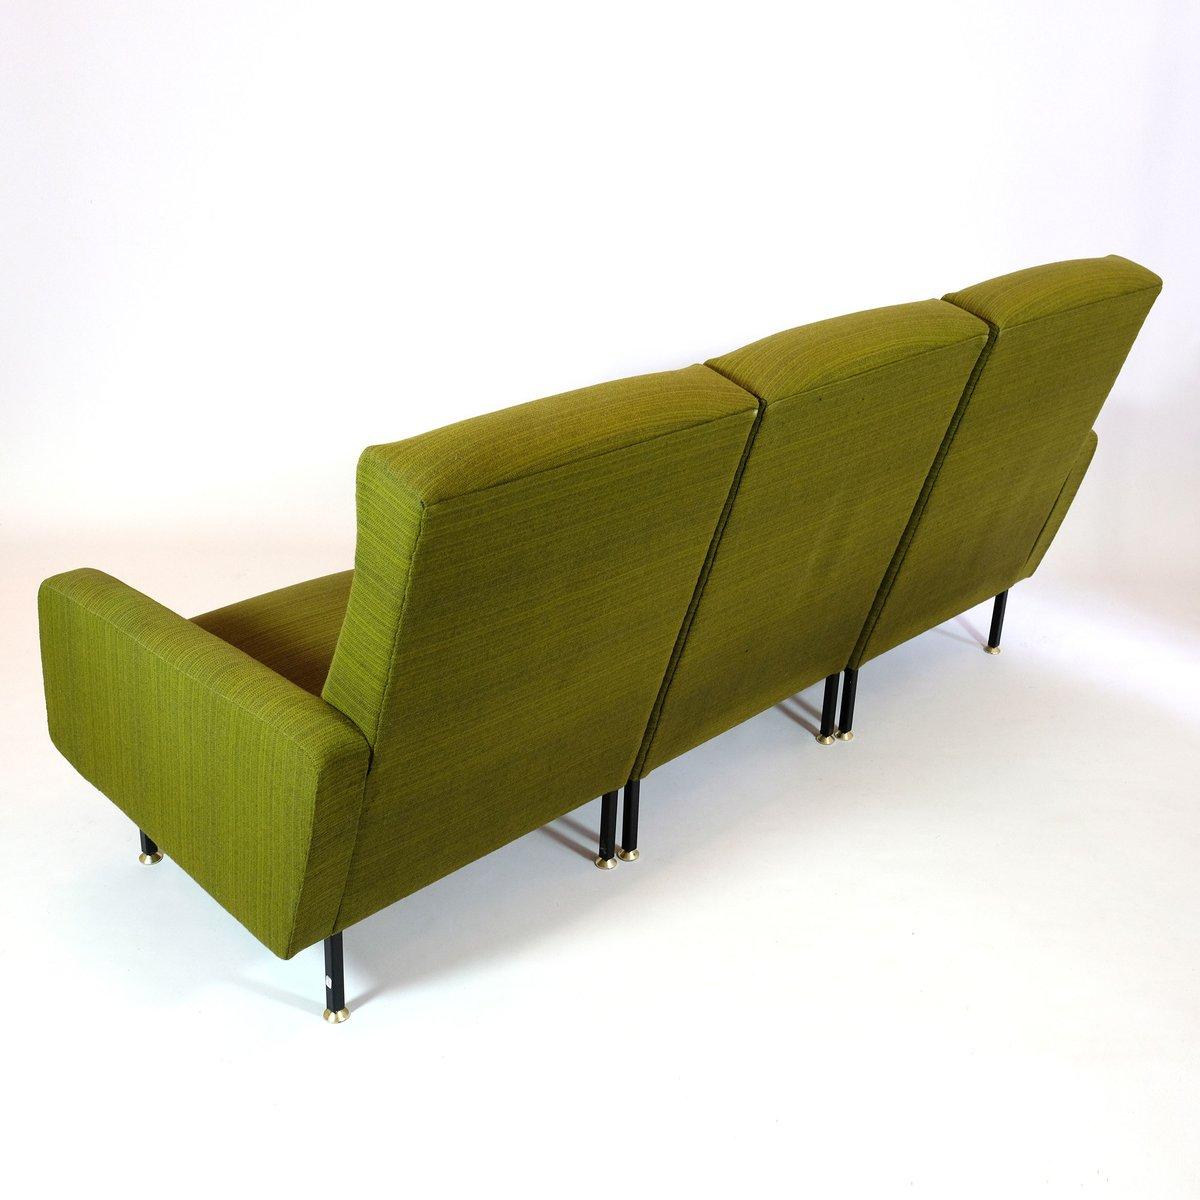 gr nes franz sisches modular sofa von steiner bei pamono kaufen. Black Bedroom Furniture Sets. Home Design Ideas